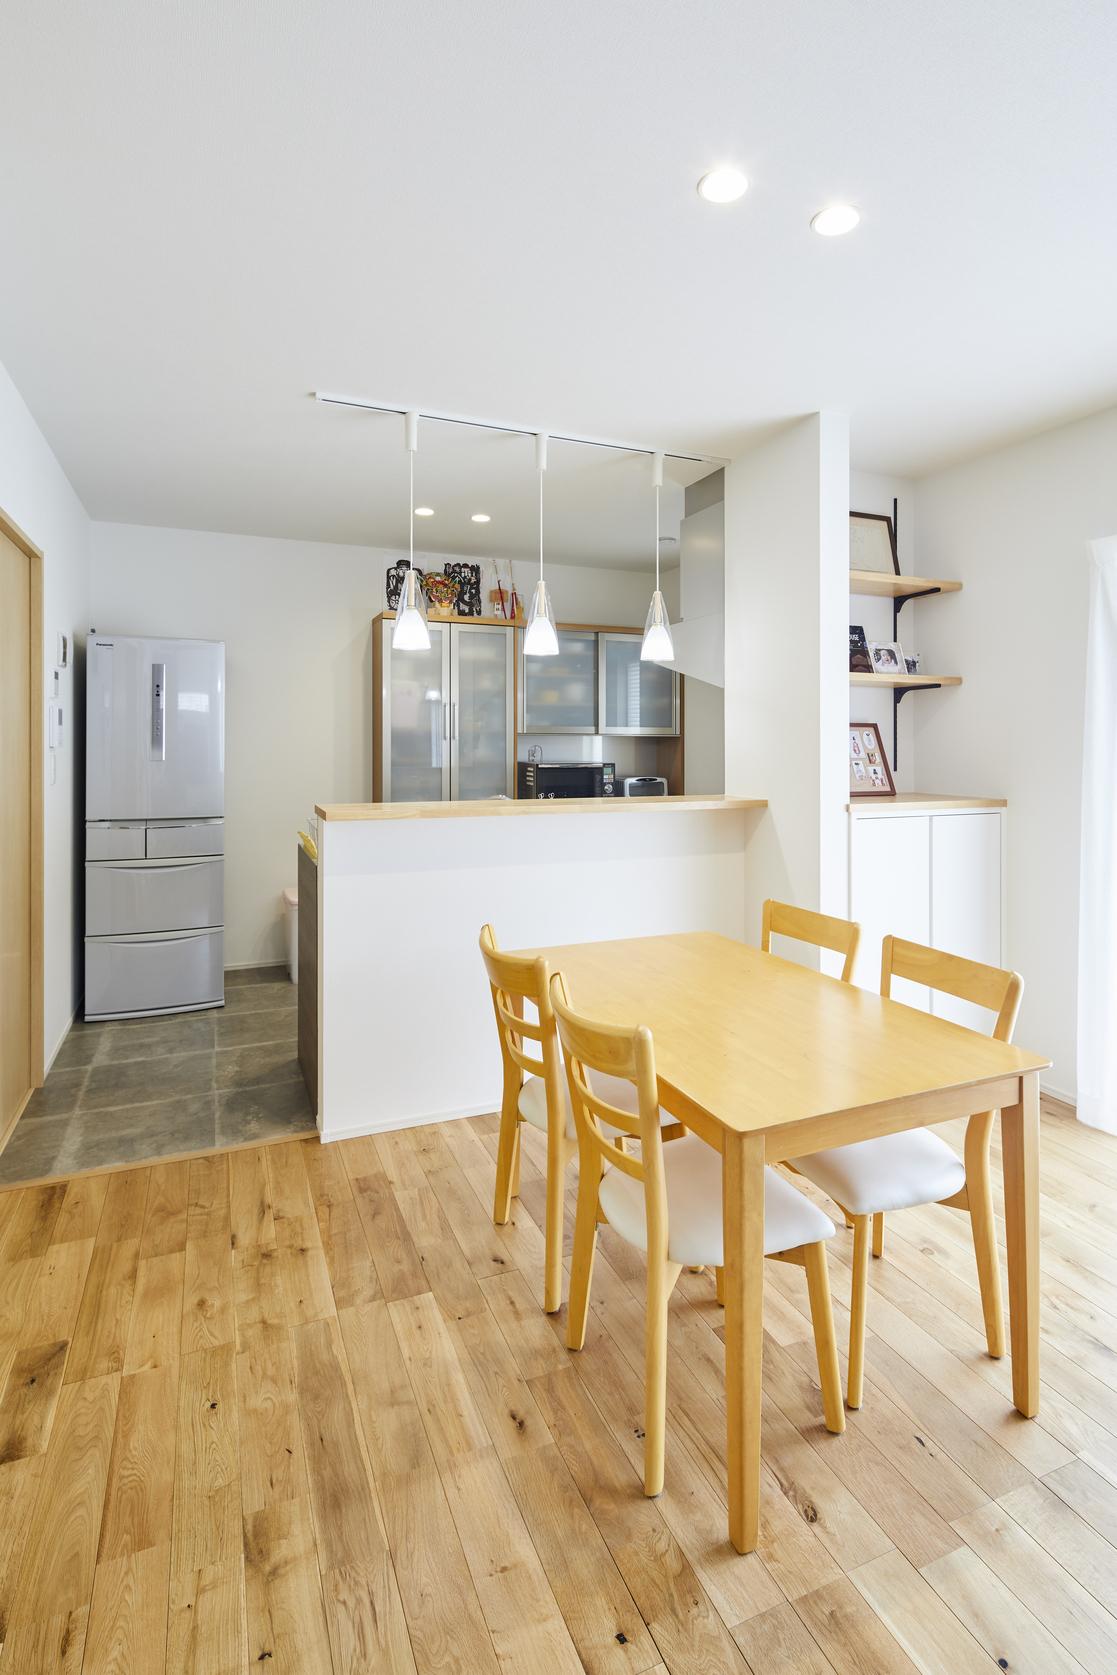 キッチン上部に吊戸棚も設けず上部に空間をつくることで、更に開放感も強調した